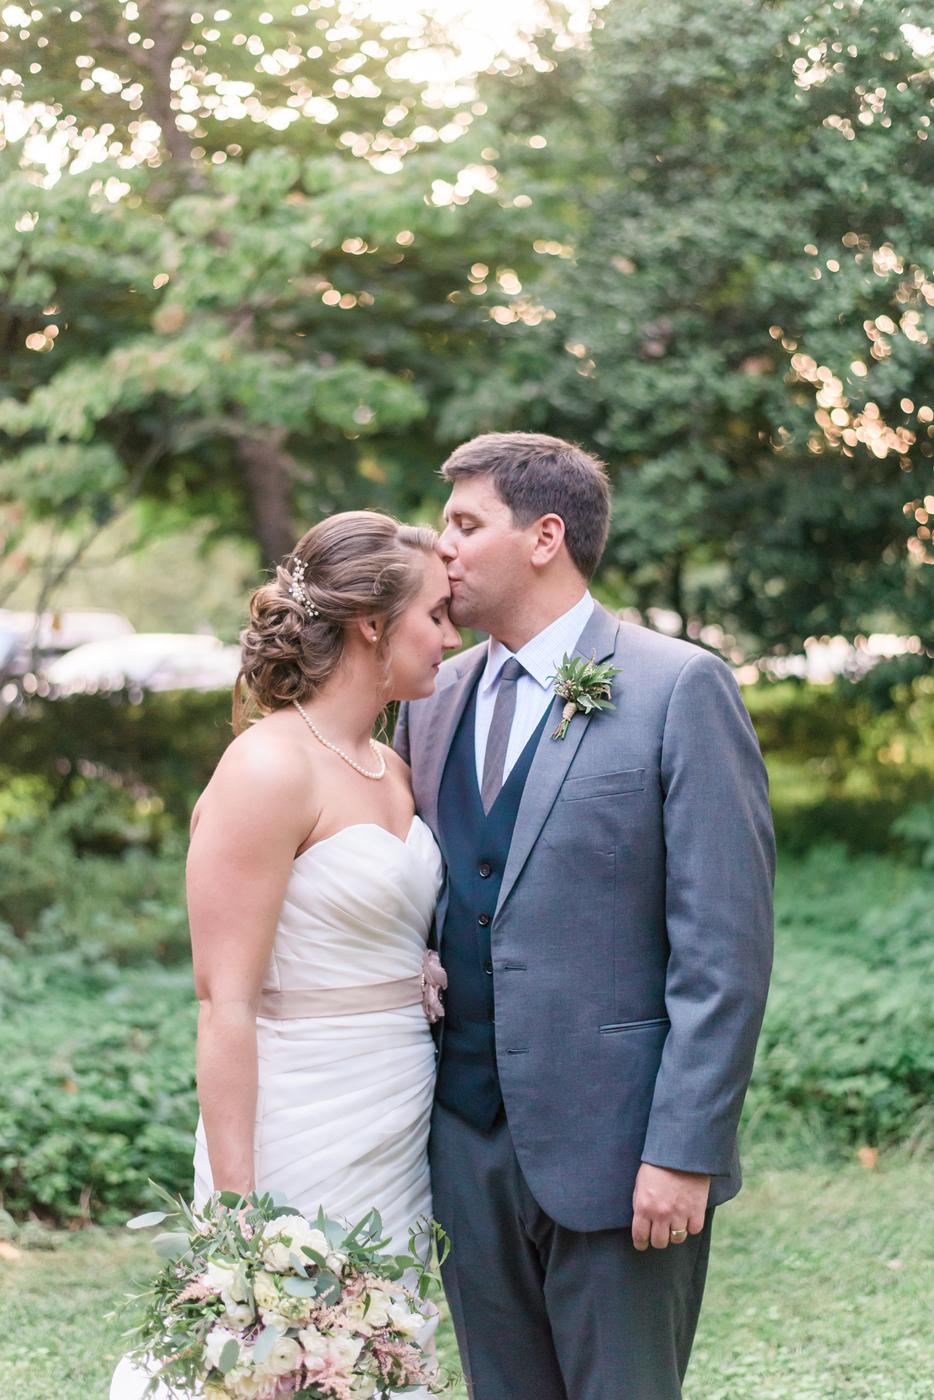 120-0556-jse-wedding-baltimore-4910